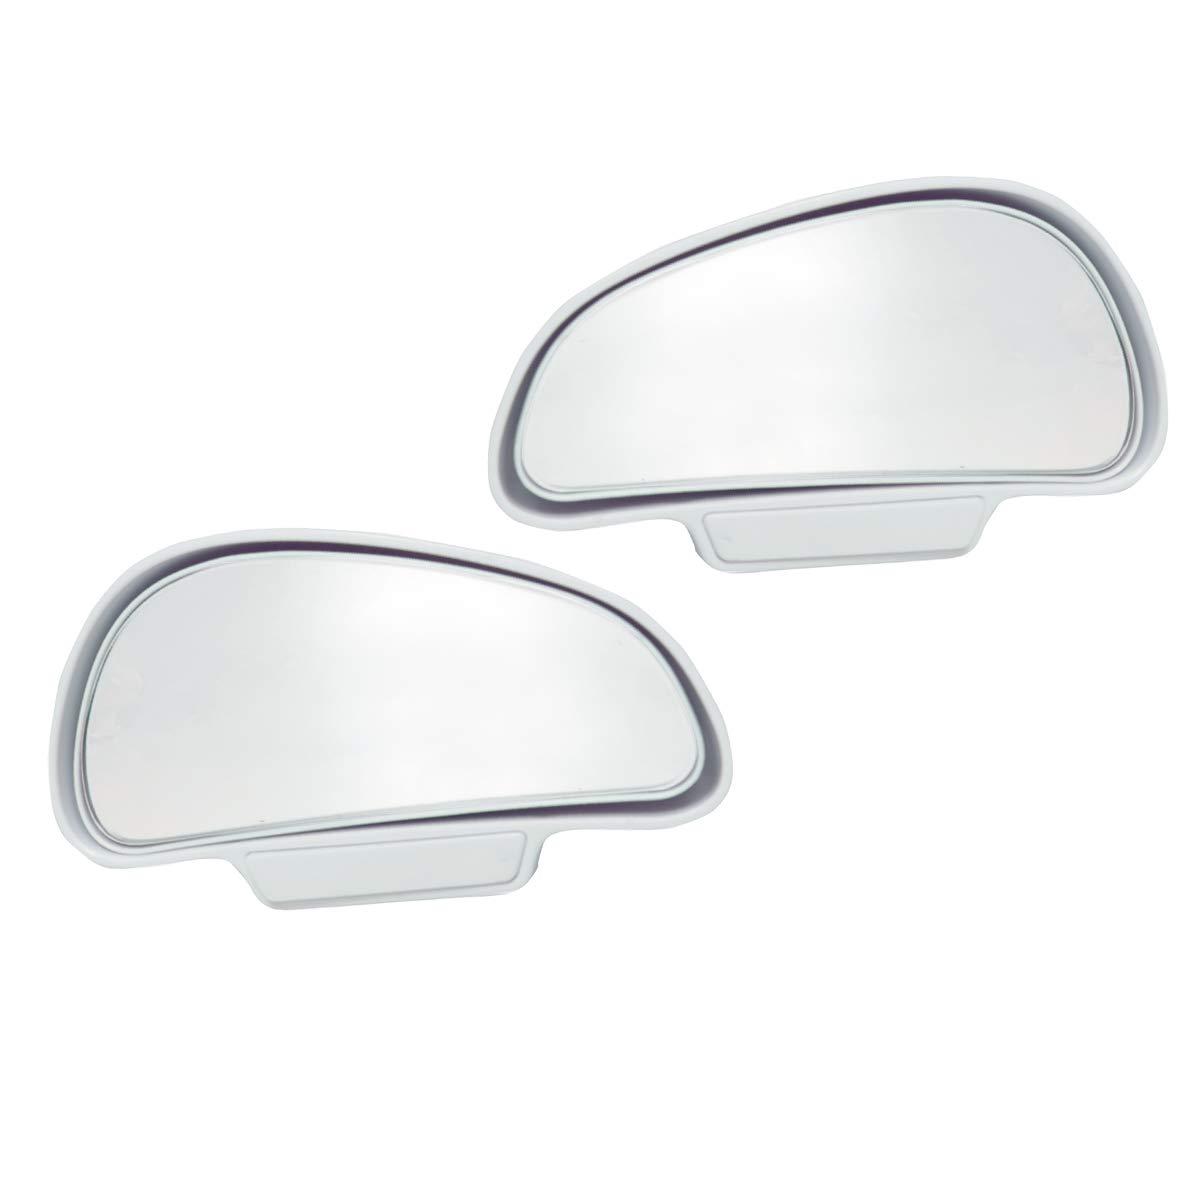 WildAuto Miroir Dangle Mort R/étroviseurs Dangle Ext/érieur Mort Universel Pour Tous Les Voitures Miroir Convexe 2 Pcs/ Auxiliaire R/étroviseur Type D-2pcs